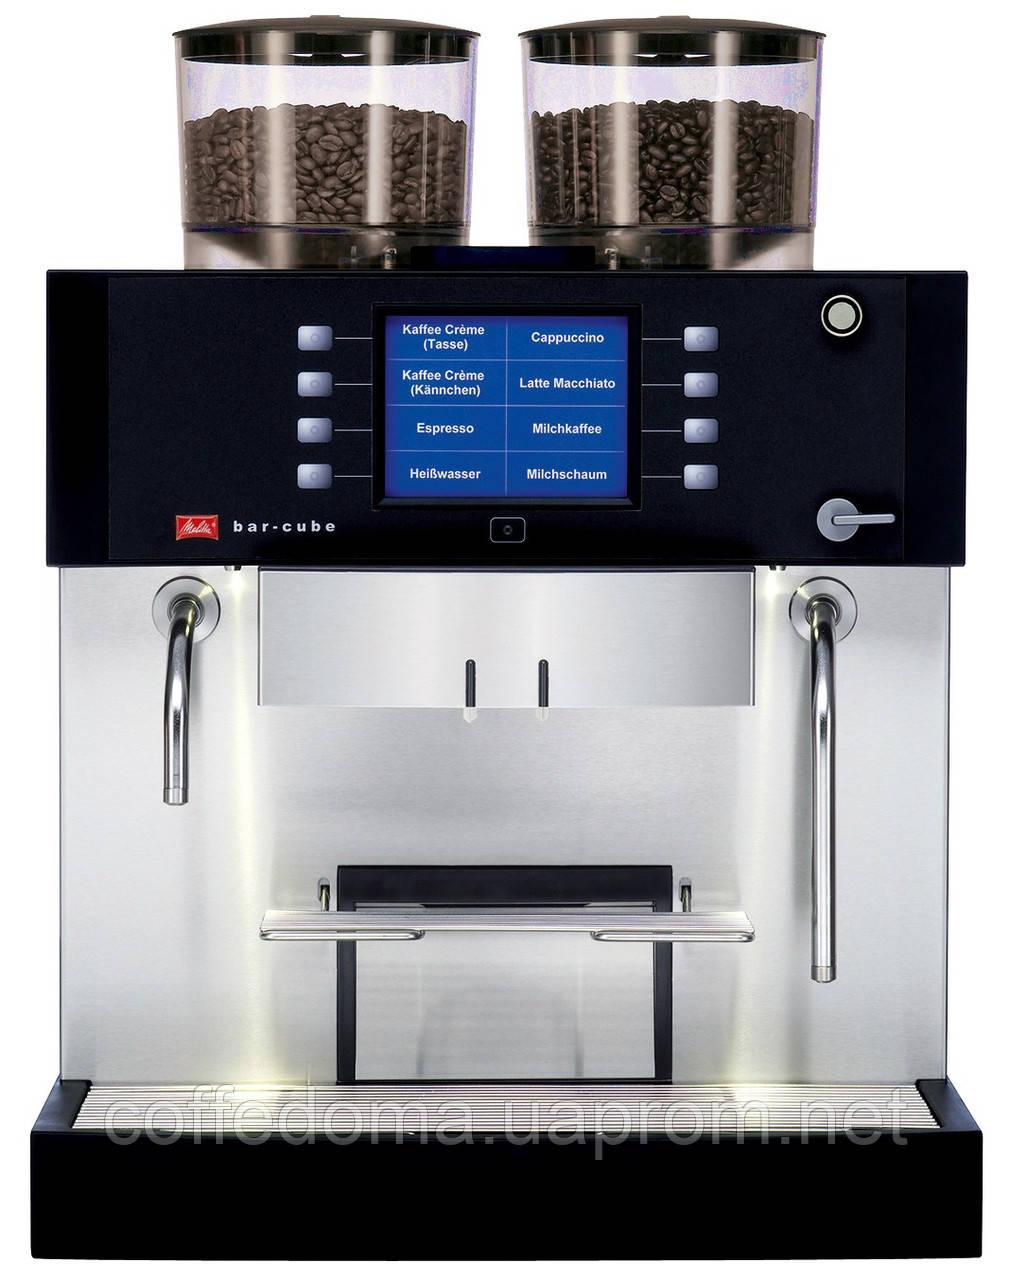 Melitta Bar Cube кофемашина суперавтомат